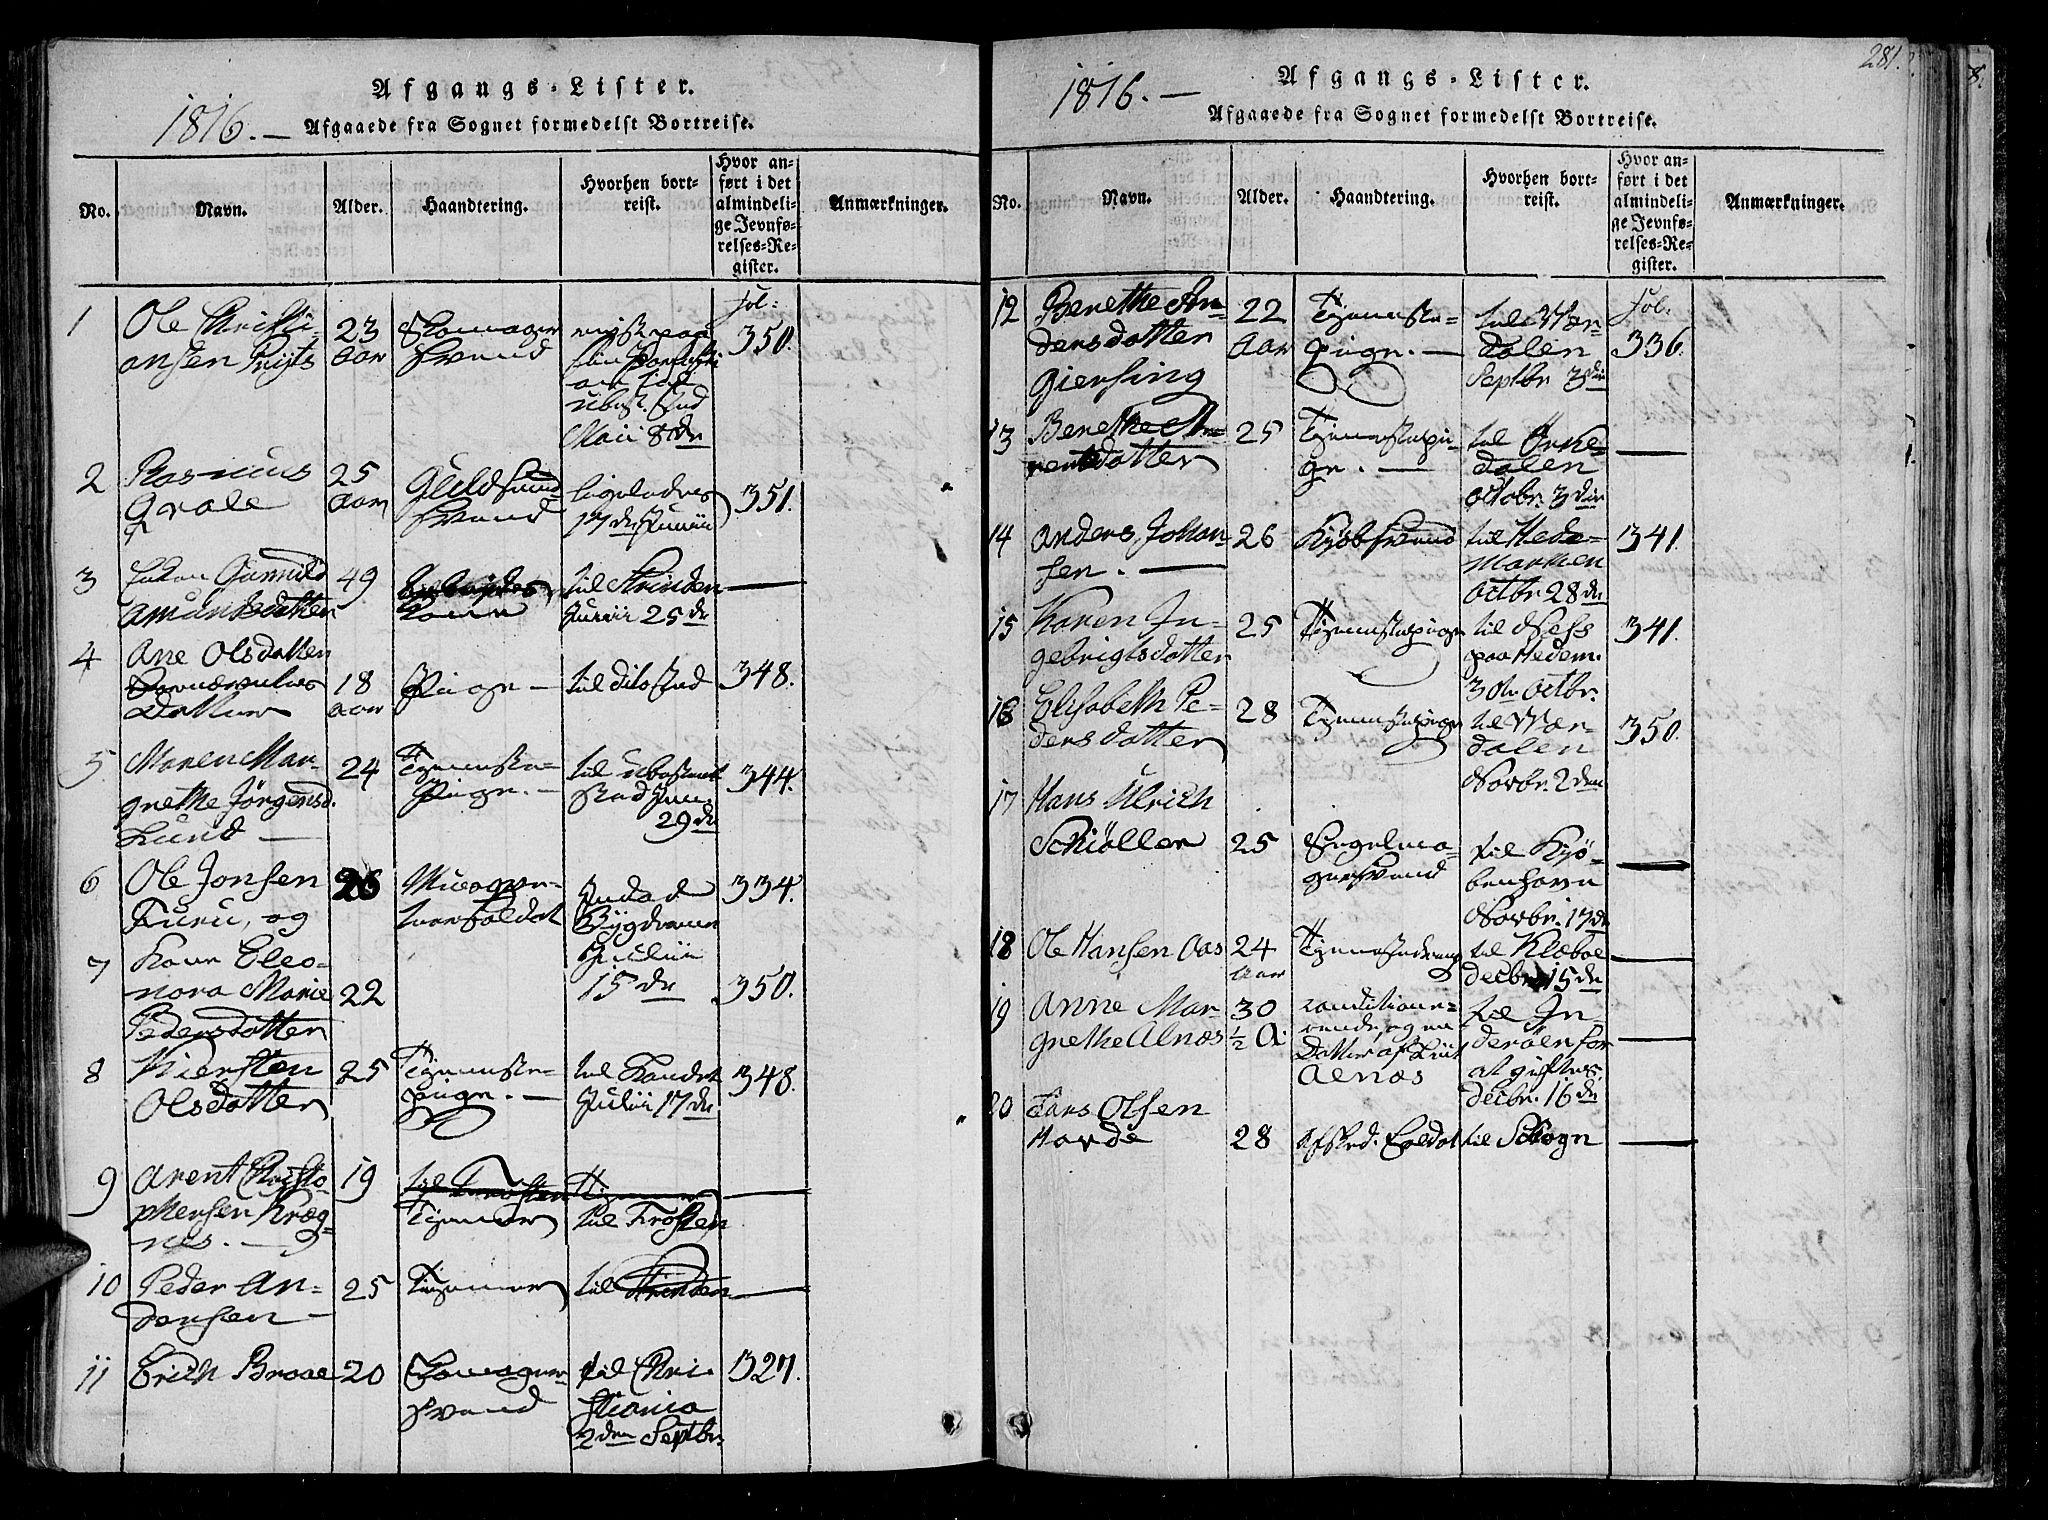 SAT, Ministerialprotokoller, klokkerbøker og fødselsregistre - Sør-Trøndelag, 602/L0107: Ministerialbok nr. 602A05, 1815-1821, s. 281